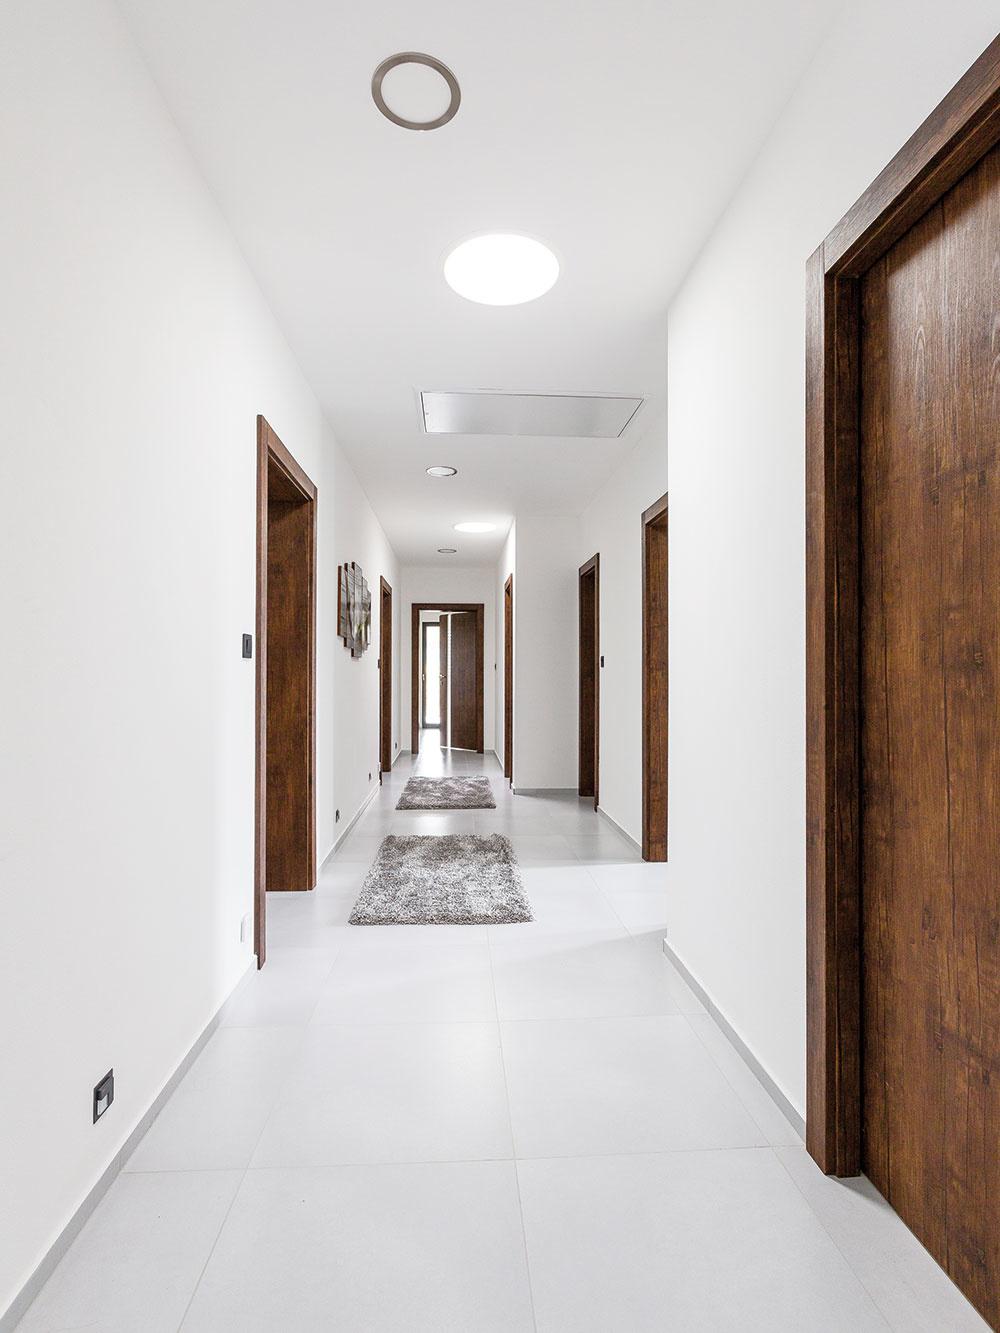 """Teplo od nôh. Teplo vdome zabezpečuje teplovodné podlahové vykurovanie, ktoré sa realizovalo suchým systémom. Kjeho výhodám vporovnaní s použitím betónových či anhydritových poterov patrí rýchlosť realizácie. """"Zhotoviť anhydritovú podlahu spodlahovým vykurovaním trvá 5 týždňov, suchá podlaha môže byť hotová už za týždeň,"""" hovorí Ľuboslav Leško zo spoločnosti Polyform."""